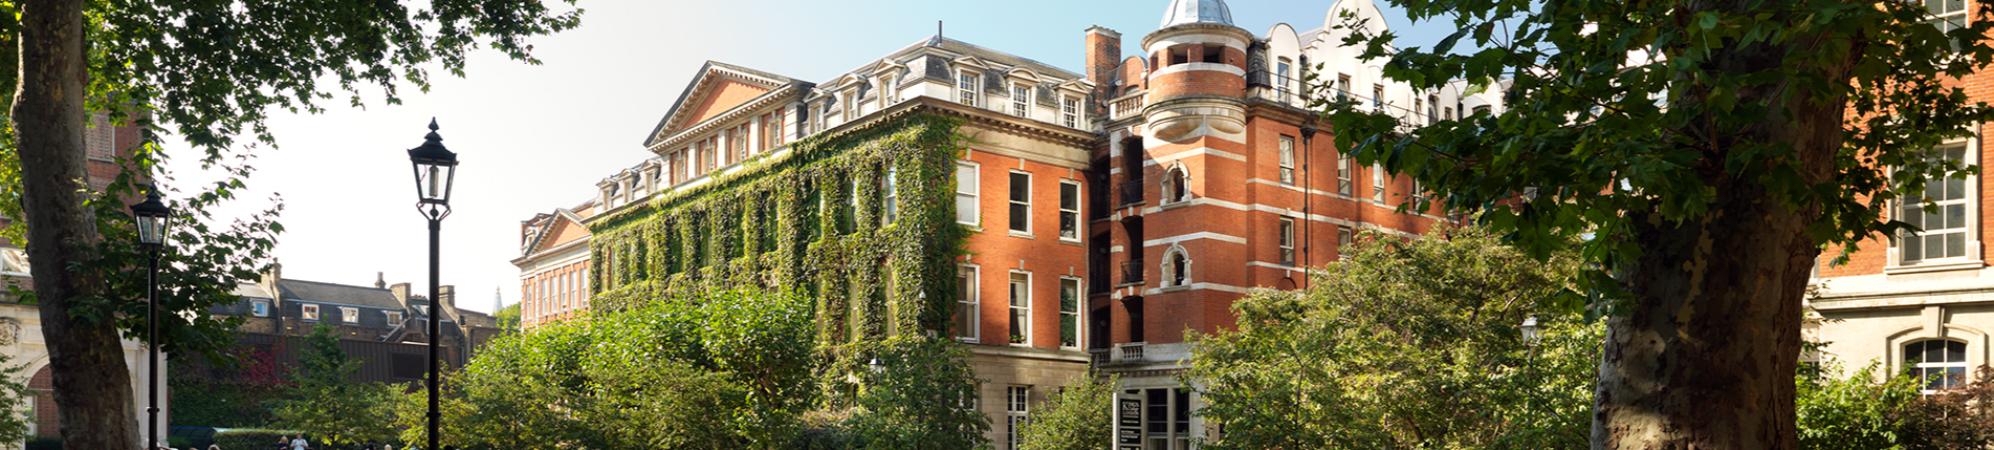 Faculty of Life Sciences & Medicine